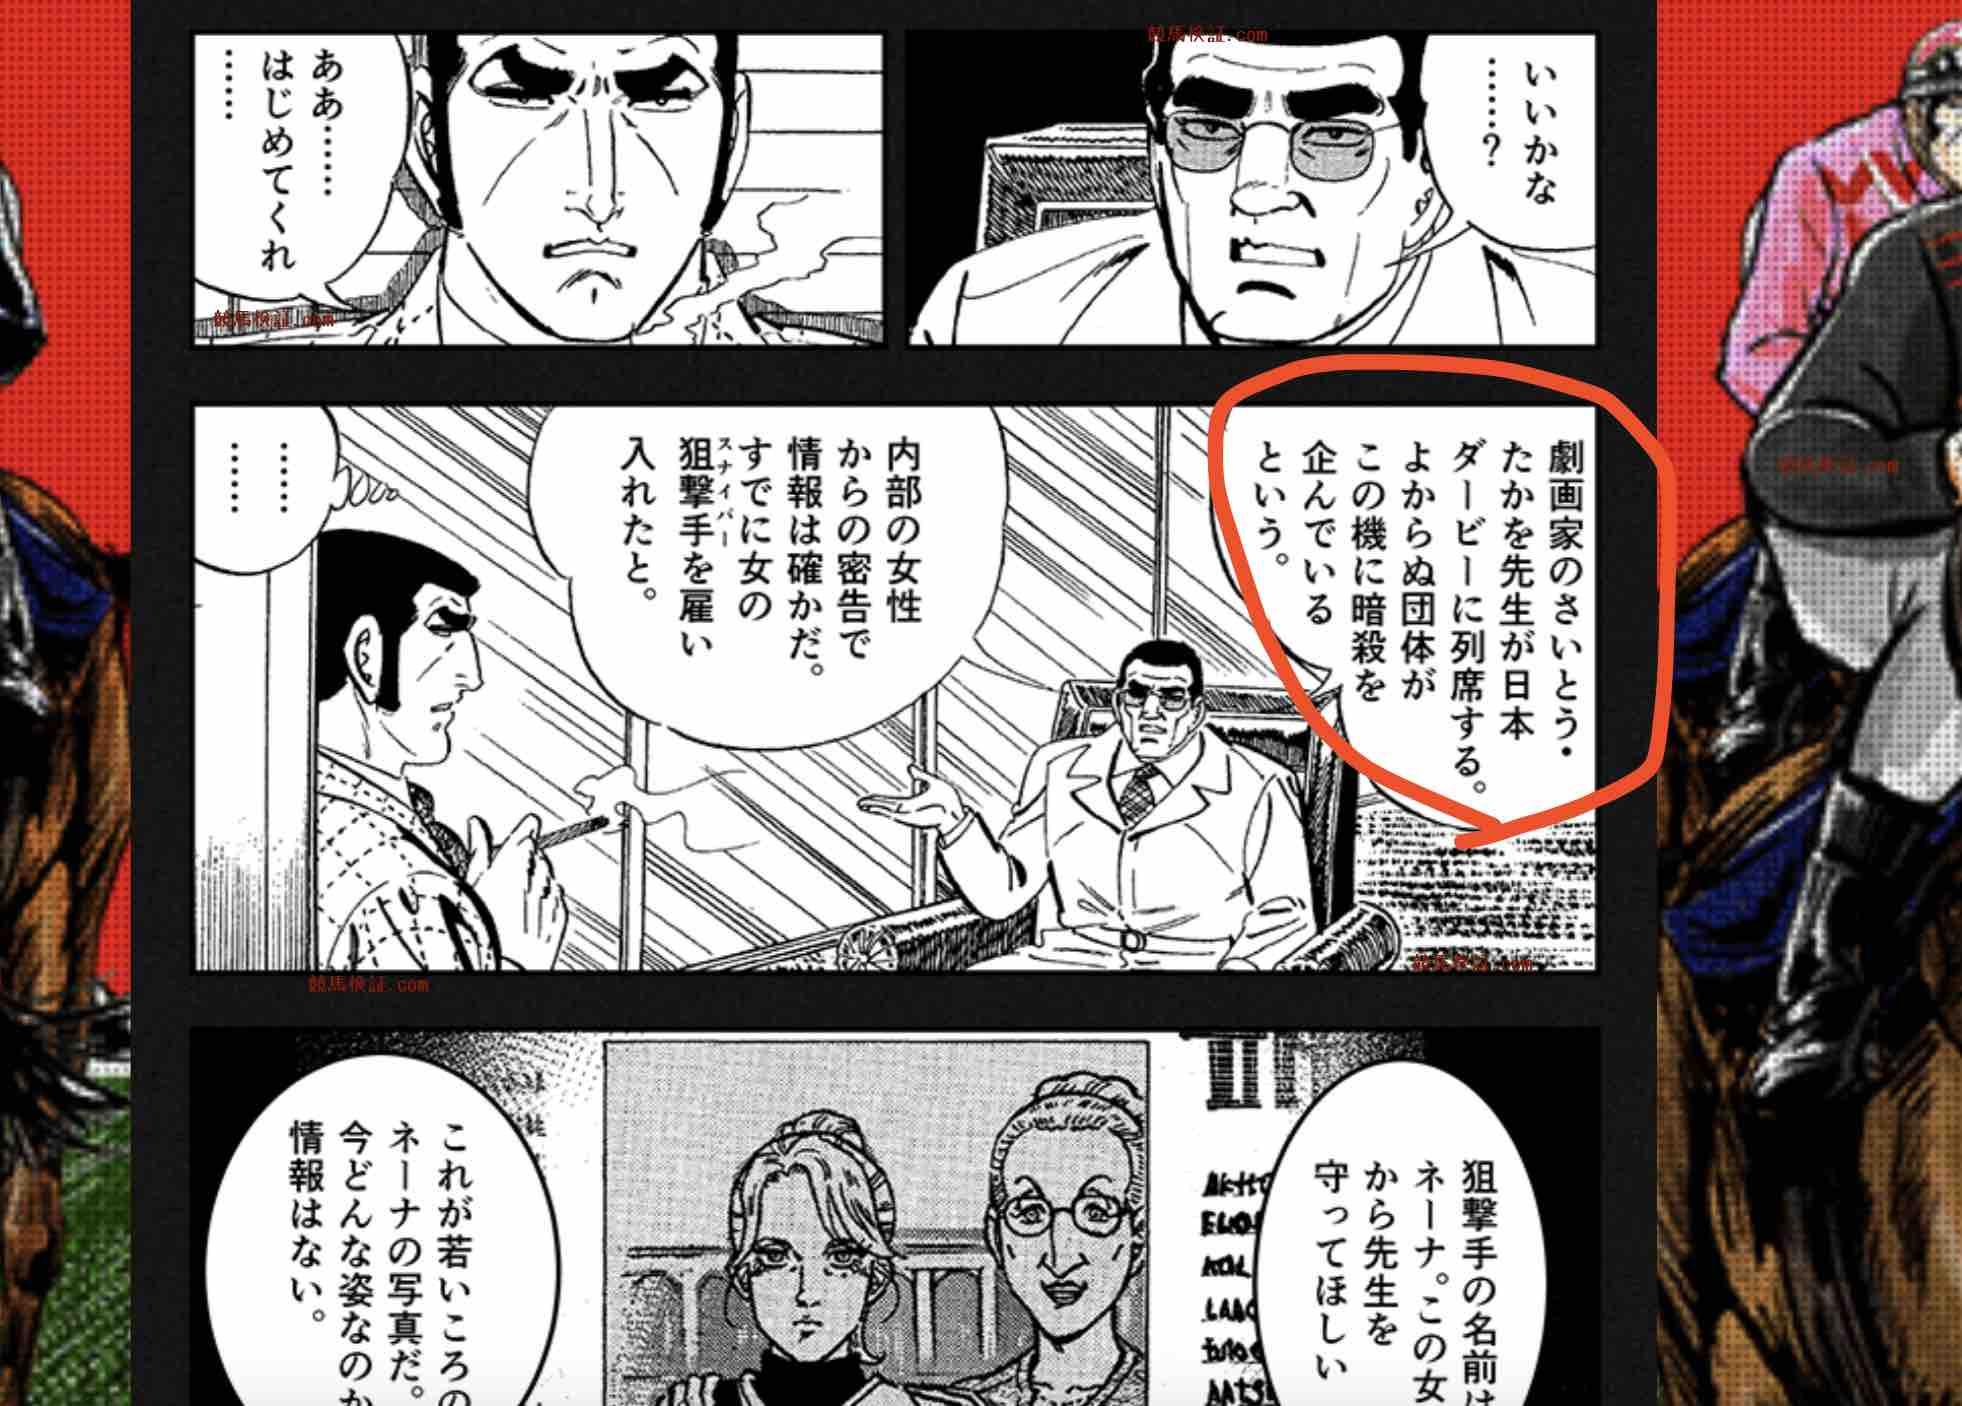 JRAとゴルゴ13のコラボ用に描かれた漫画